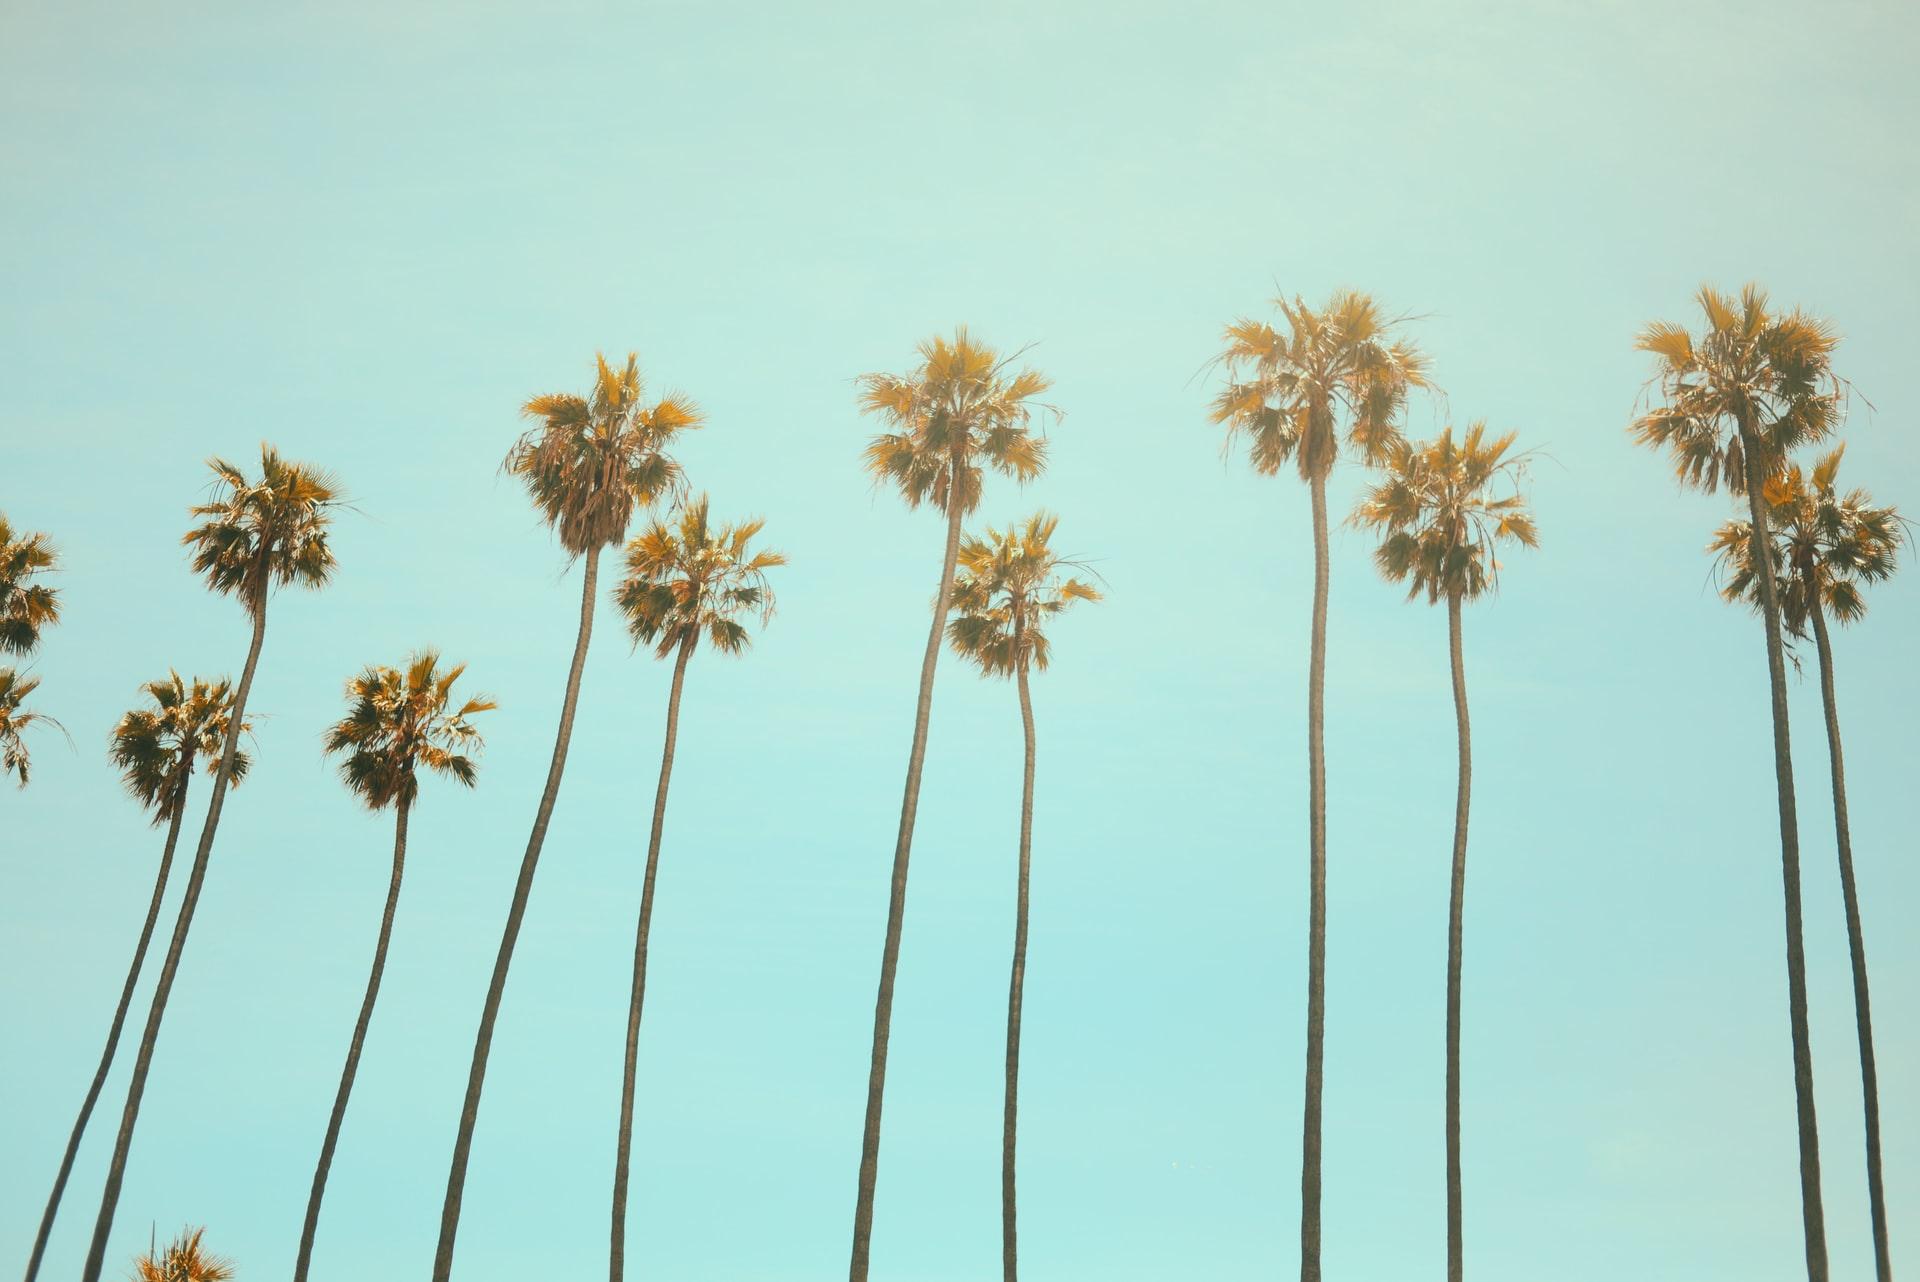 tall palm trees on a pale blue sky